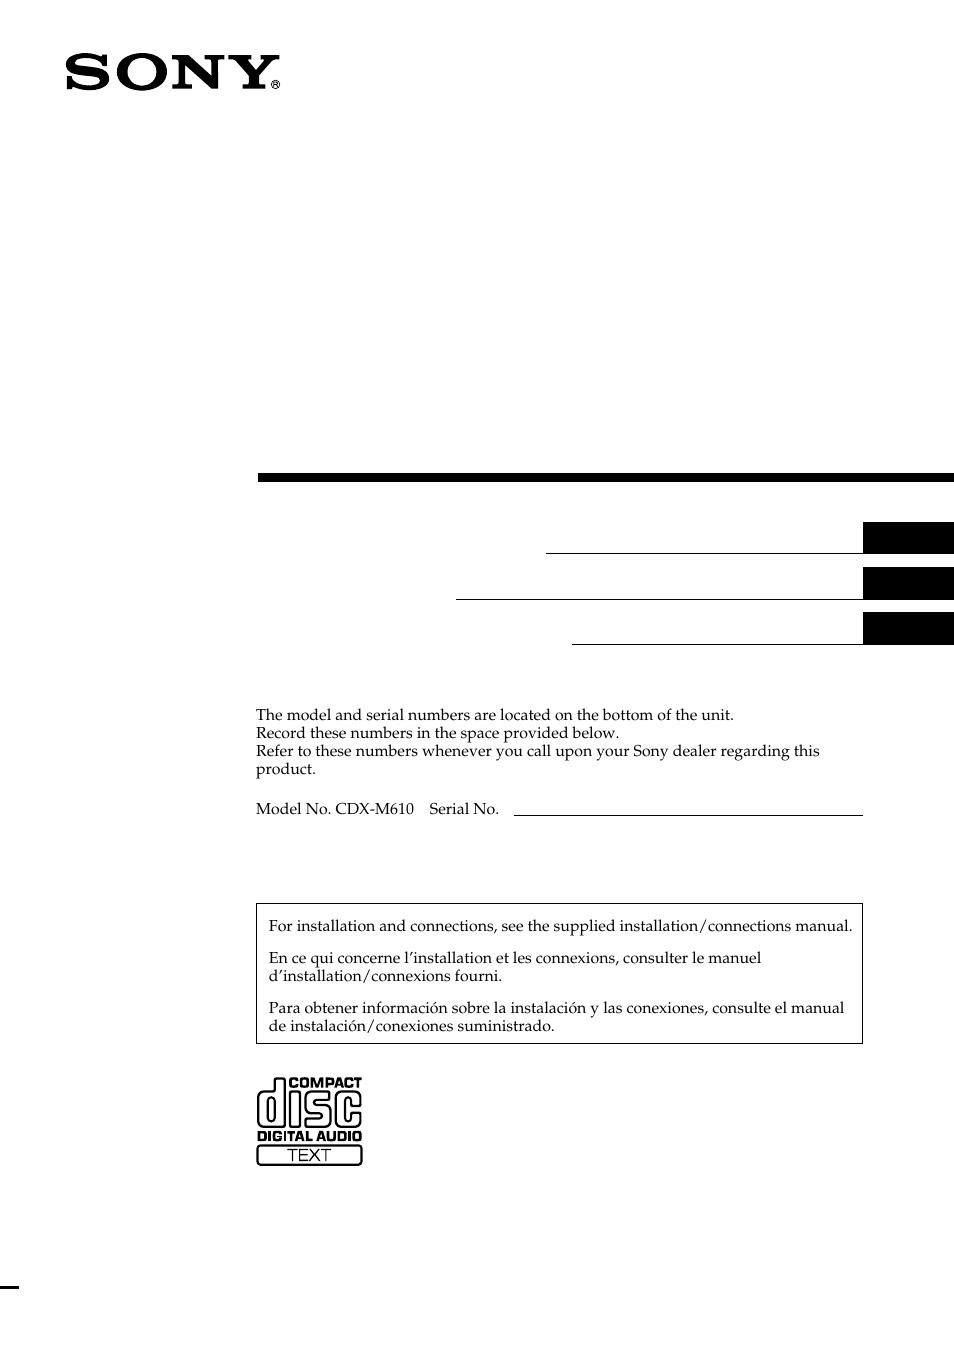 sony cdx 610 wiring diagram wiring diagramsony cdx m610 user manual 100 pagessony cdx 610 wiring diagram 20